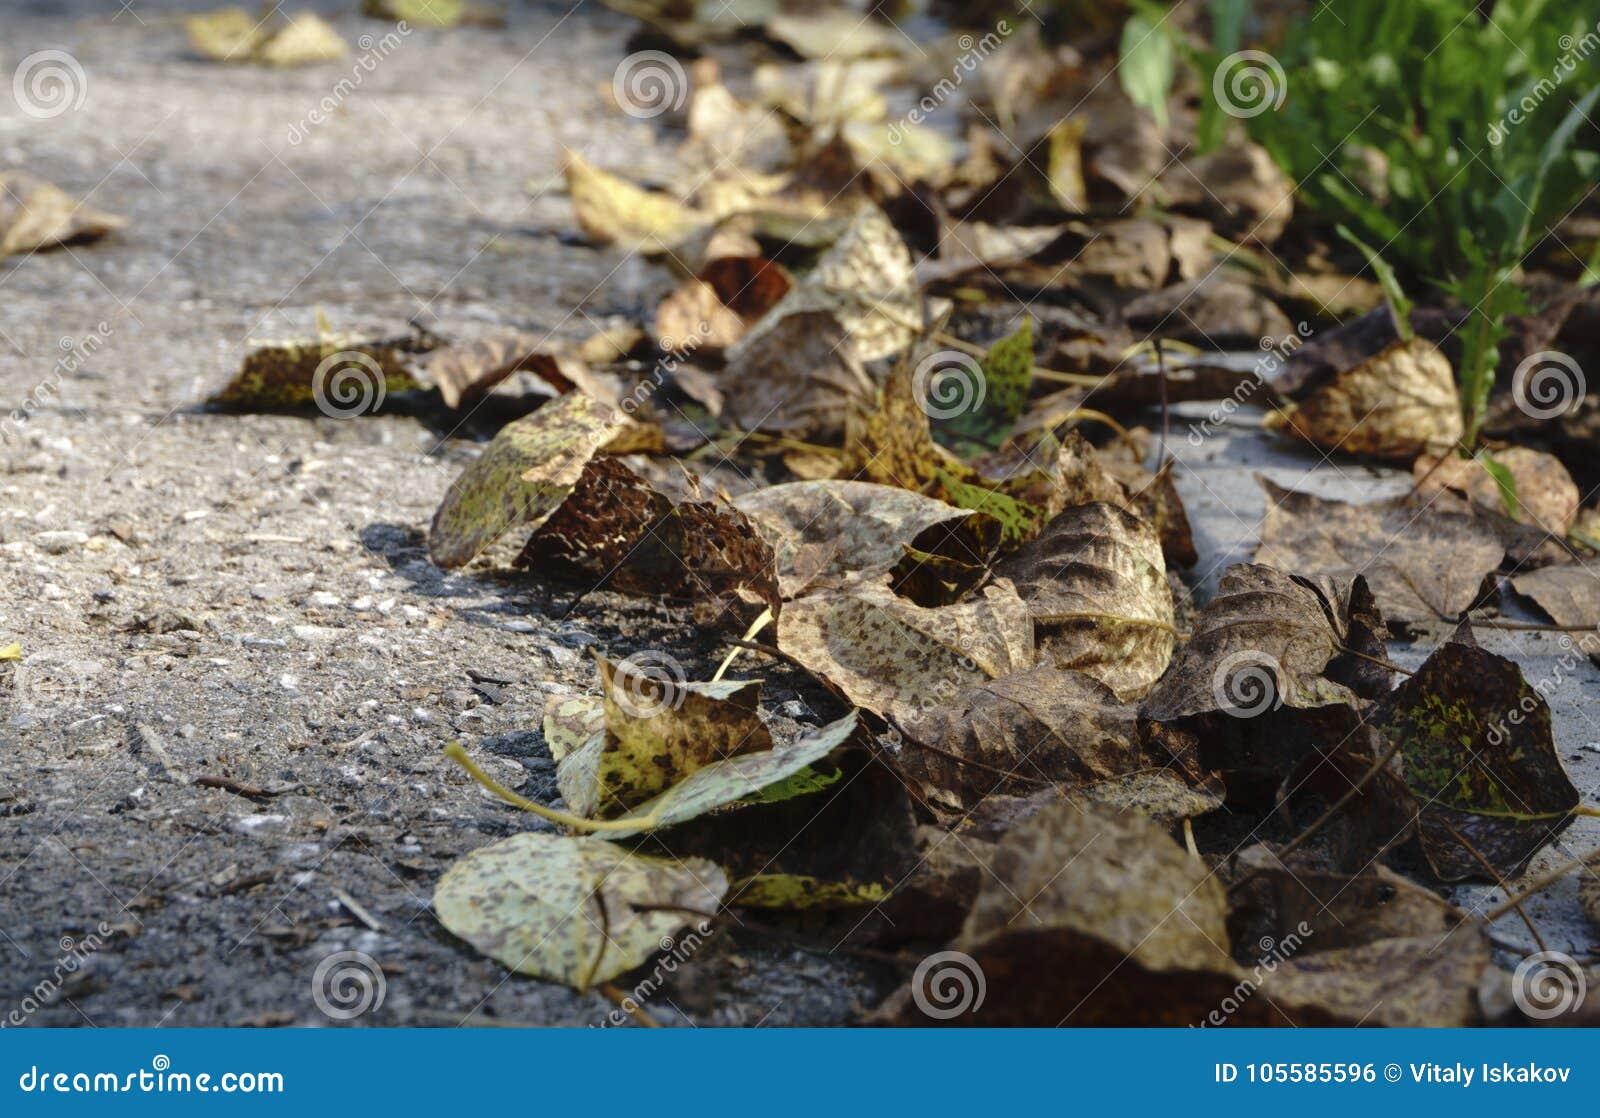 Красочные листья осени на холодном открытом море с отражениями солнца, золоте струятся Концепция осени приходила